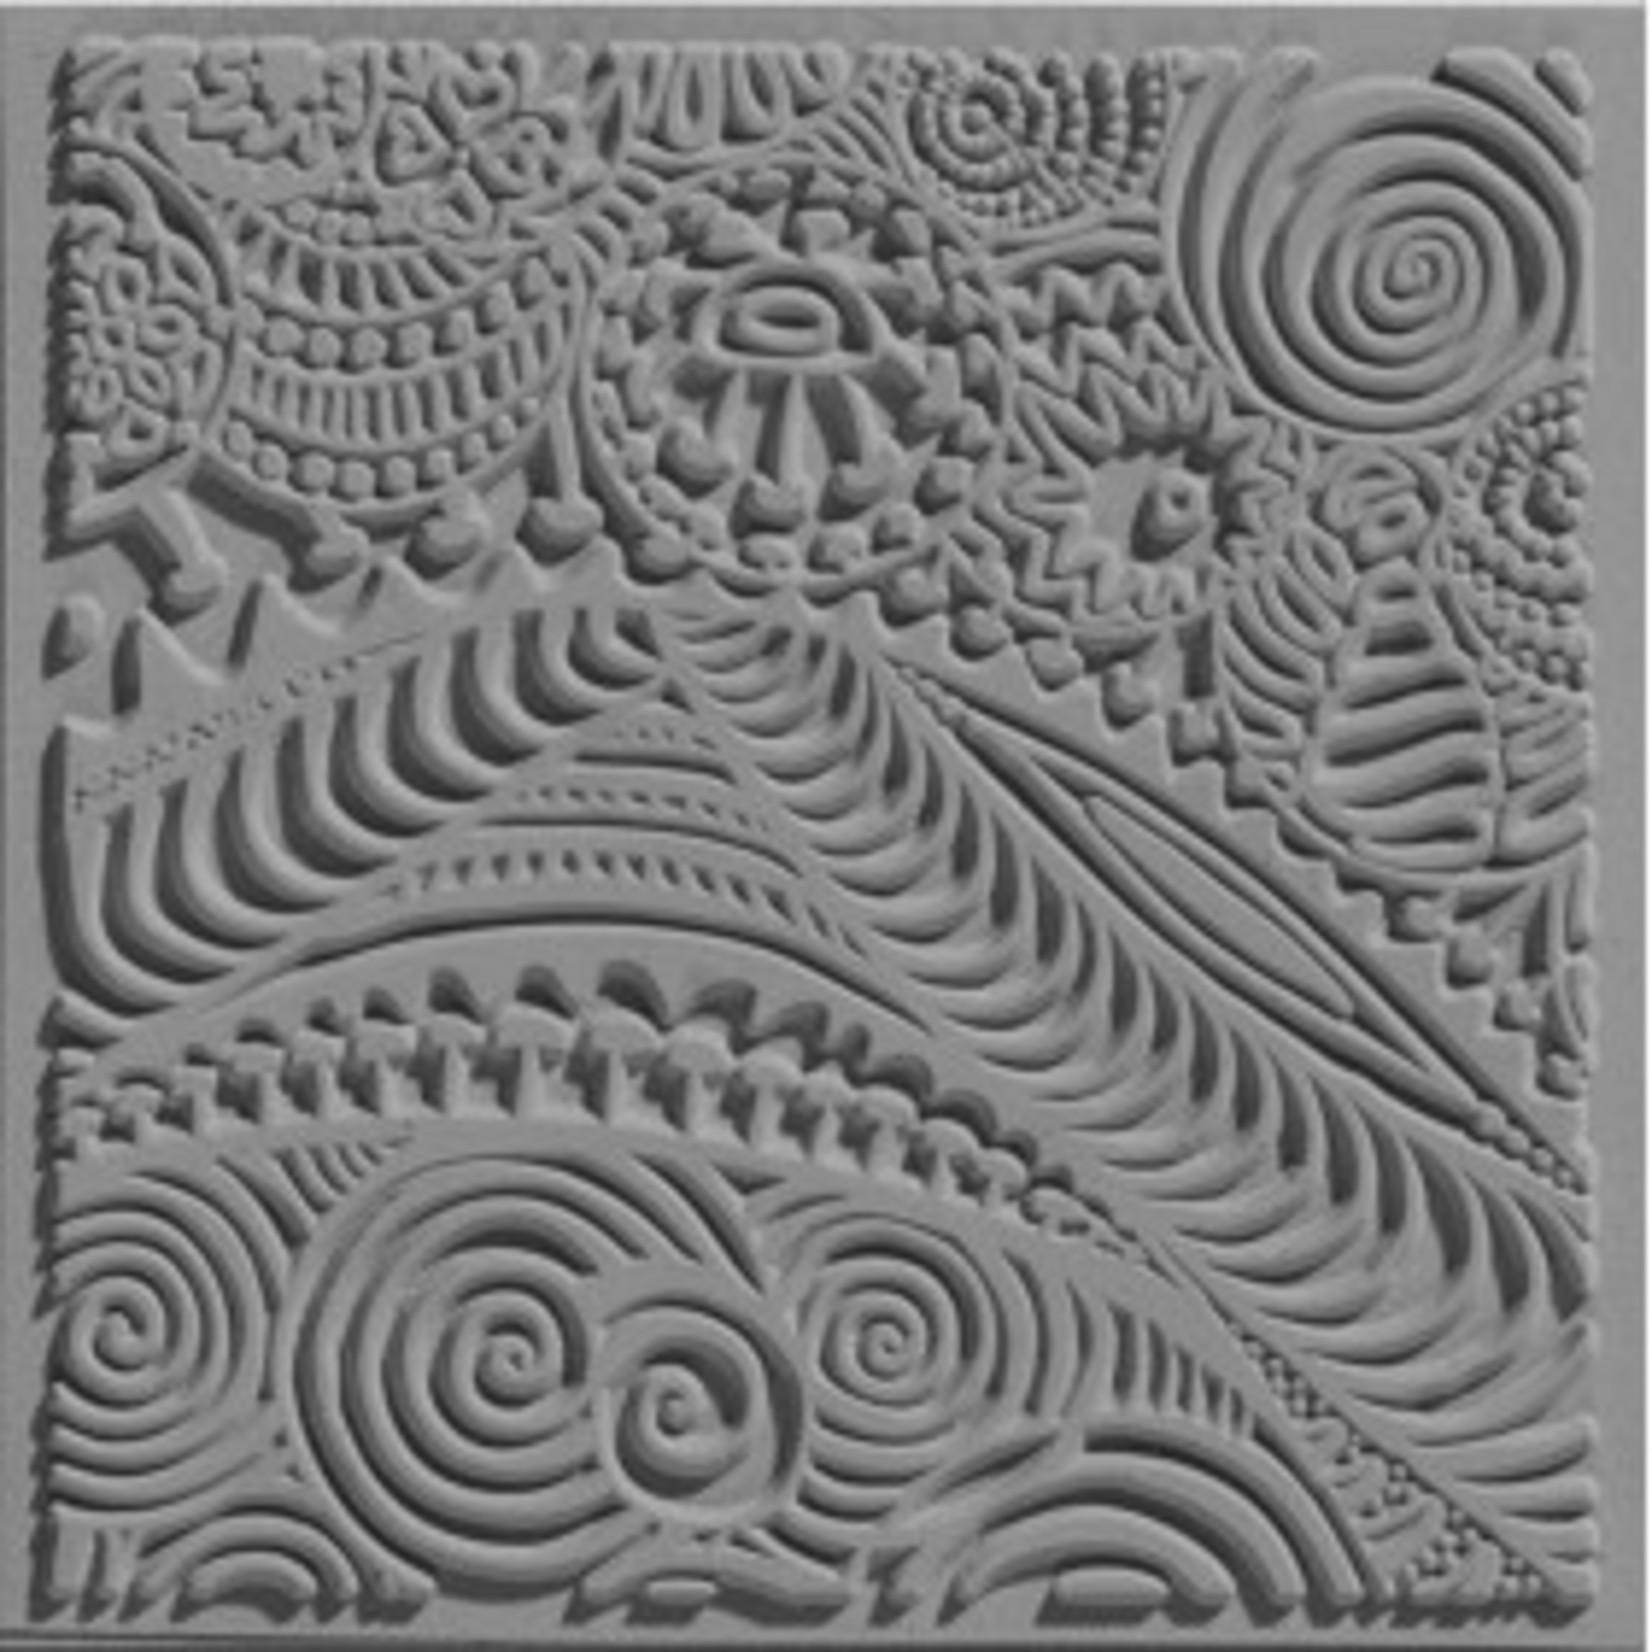 Cernit Cernit Texture Plate 9 X 9 cm - Freestyle